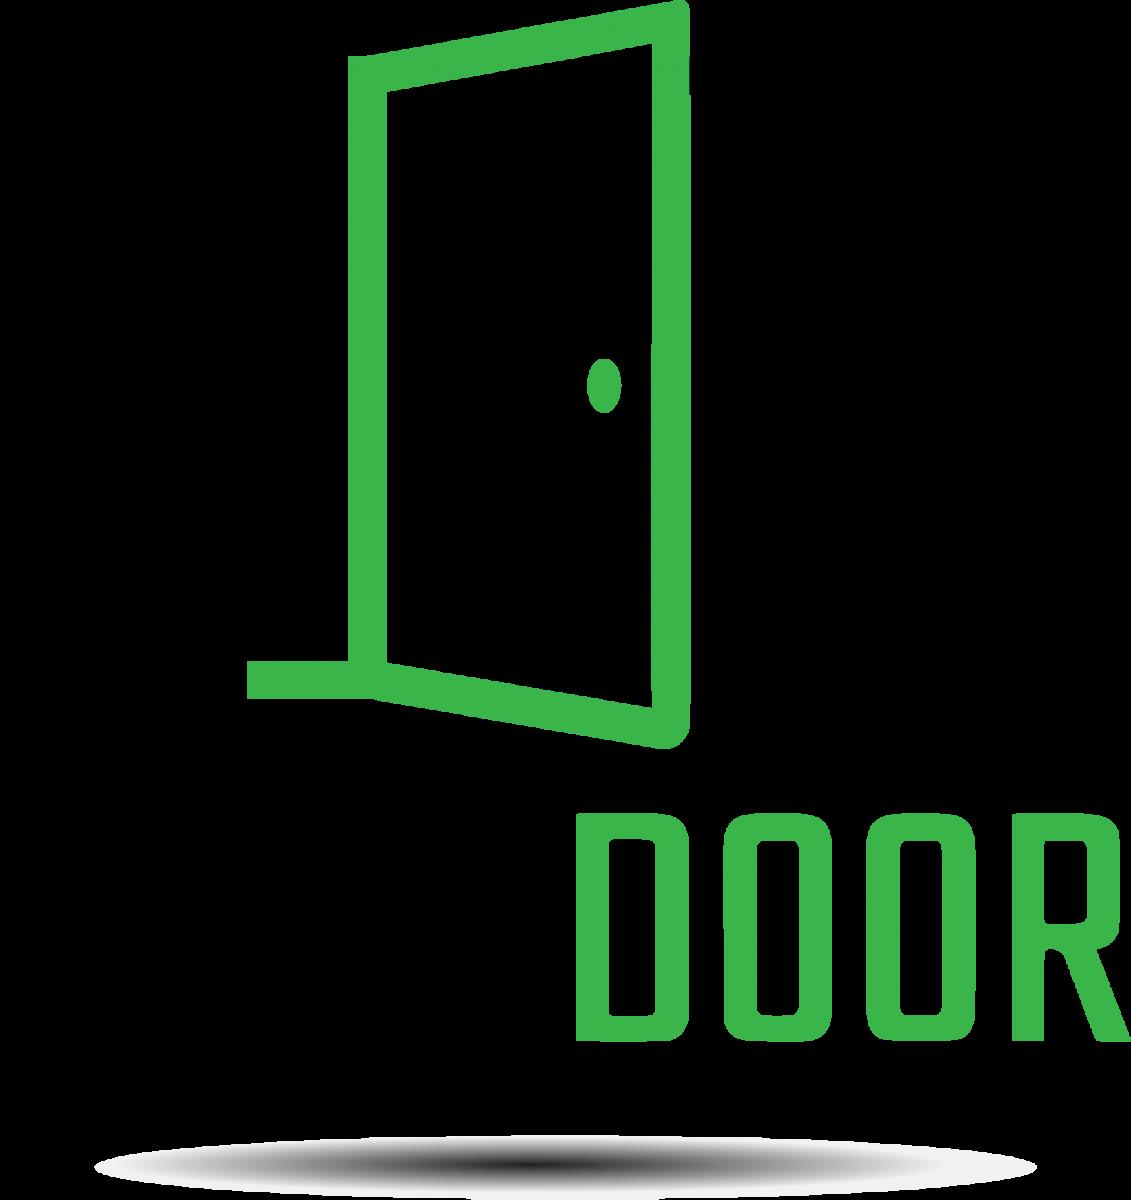 CashDoor logo